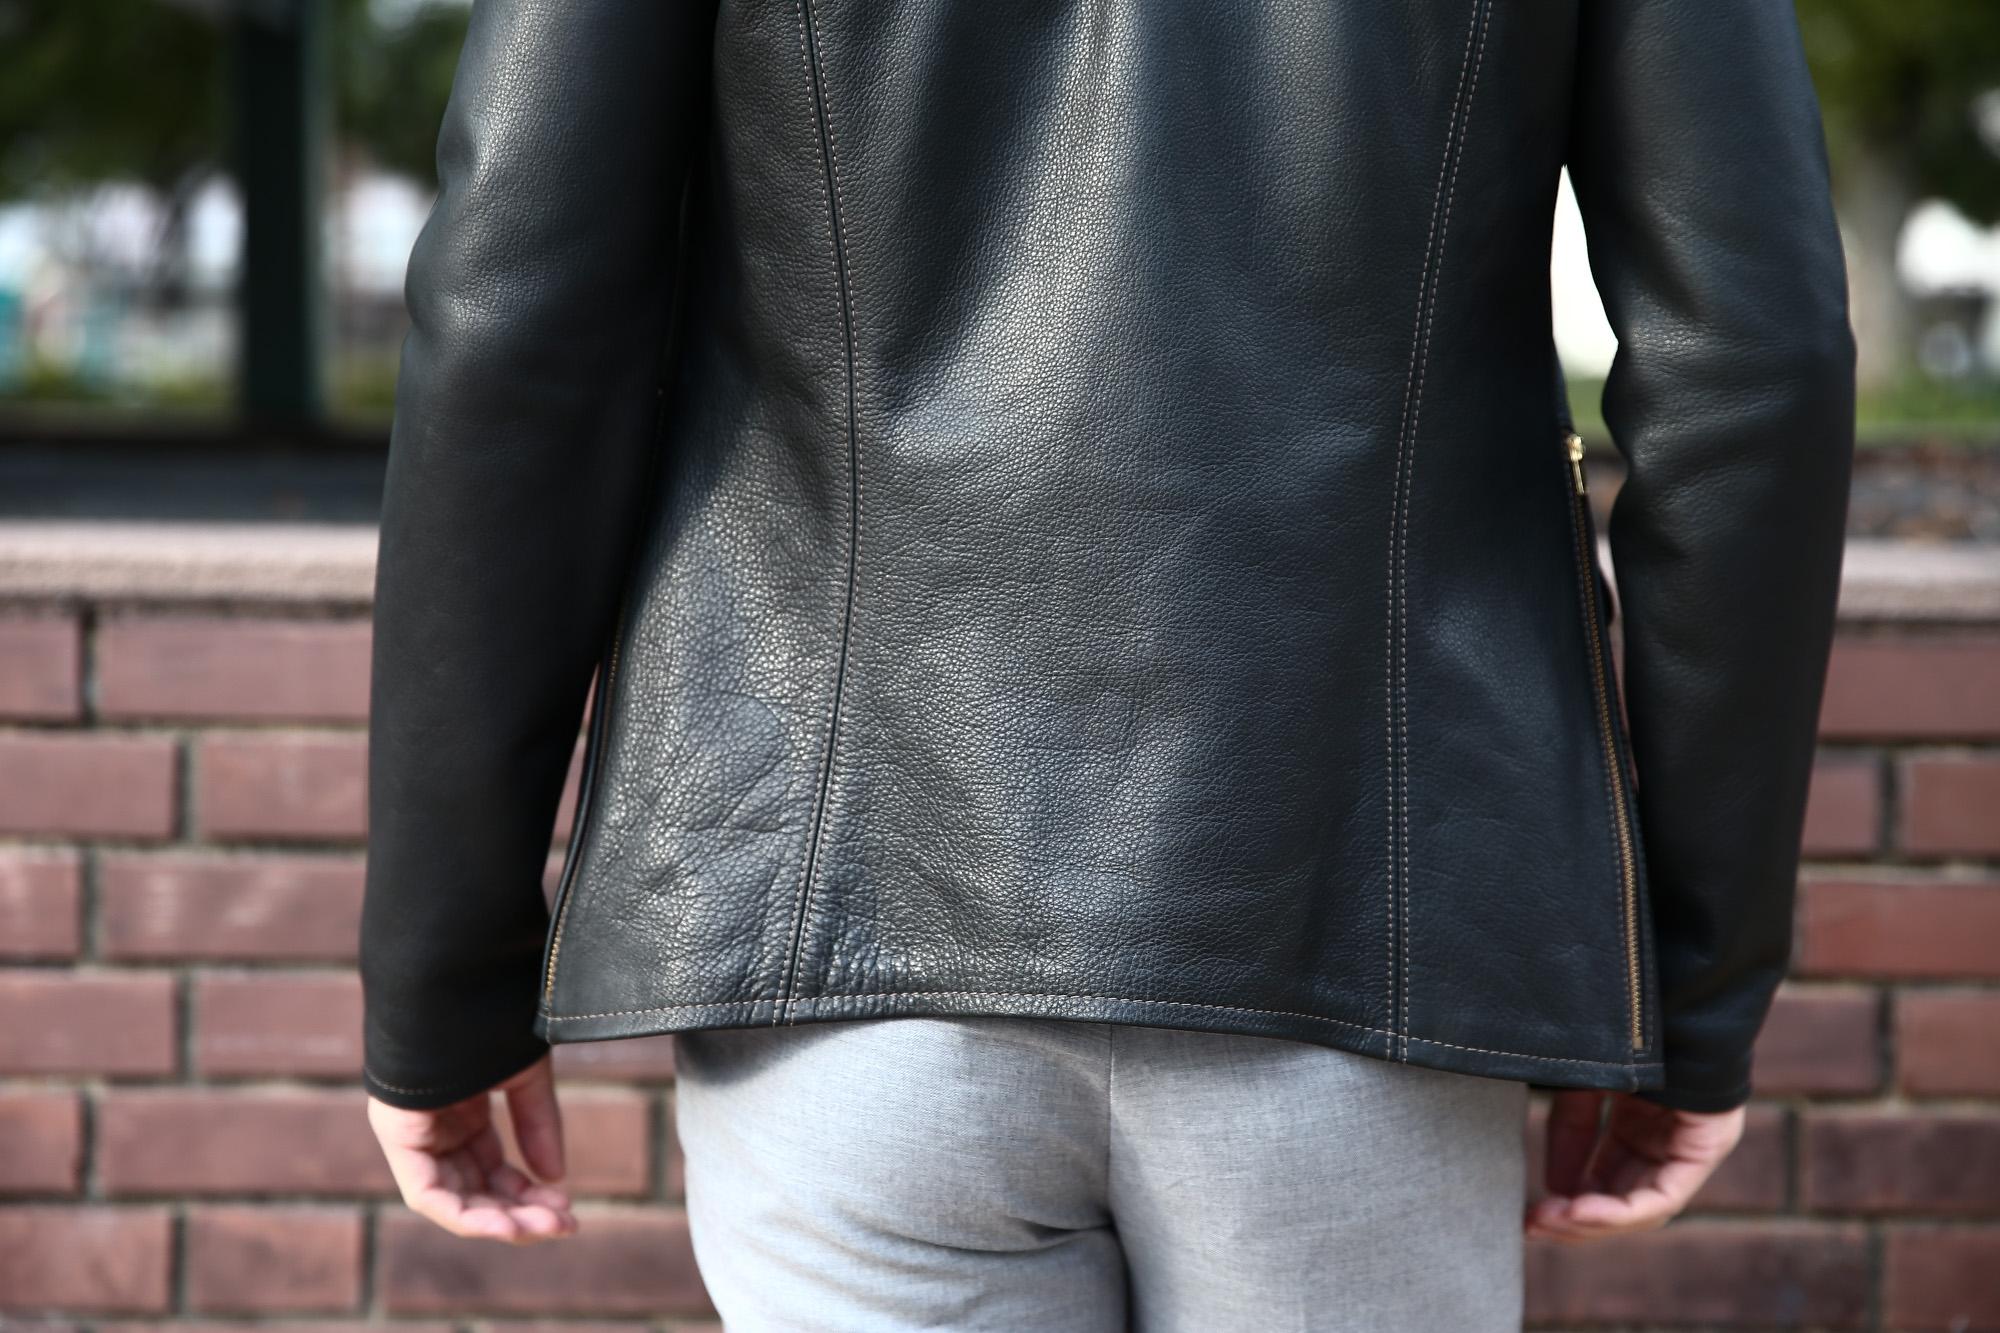 【South Paradiso Leather / サウスパラディソレザー】 East West イーストウエスト SMOKE(スモーク) Cow Hide Leather カウハイドレザー レザージャケット BLACK (ブラック) MADE IN USA (アメリカ製) 愛知 名古屋 Alto e Diritto アルト エ デリット サウスパラディソ イーストウエスト パラディソ PARADISO ヴィンテージ レザージャケット  36,38,40,42,44